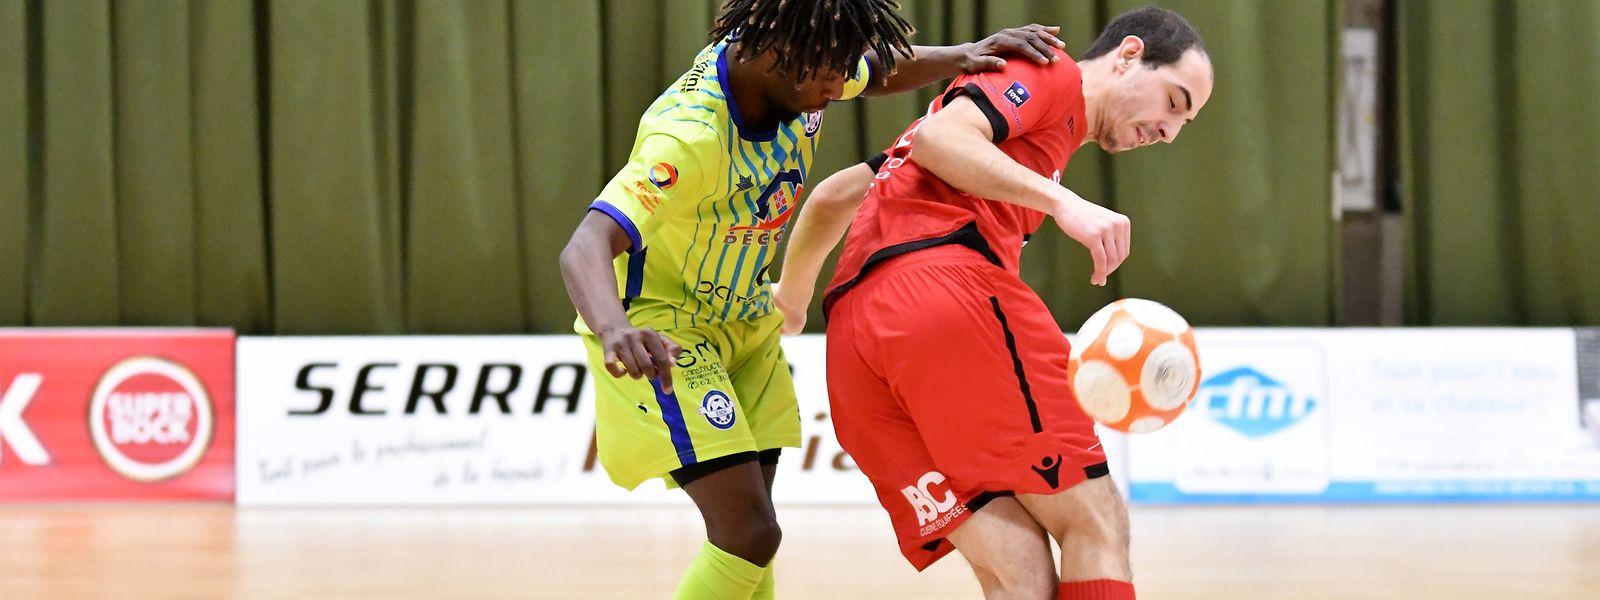 Antonio Vieira (FC Differdange 03, en rouge) protège le ballon sous la menace de Miguel Oliveira (US Esch)